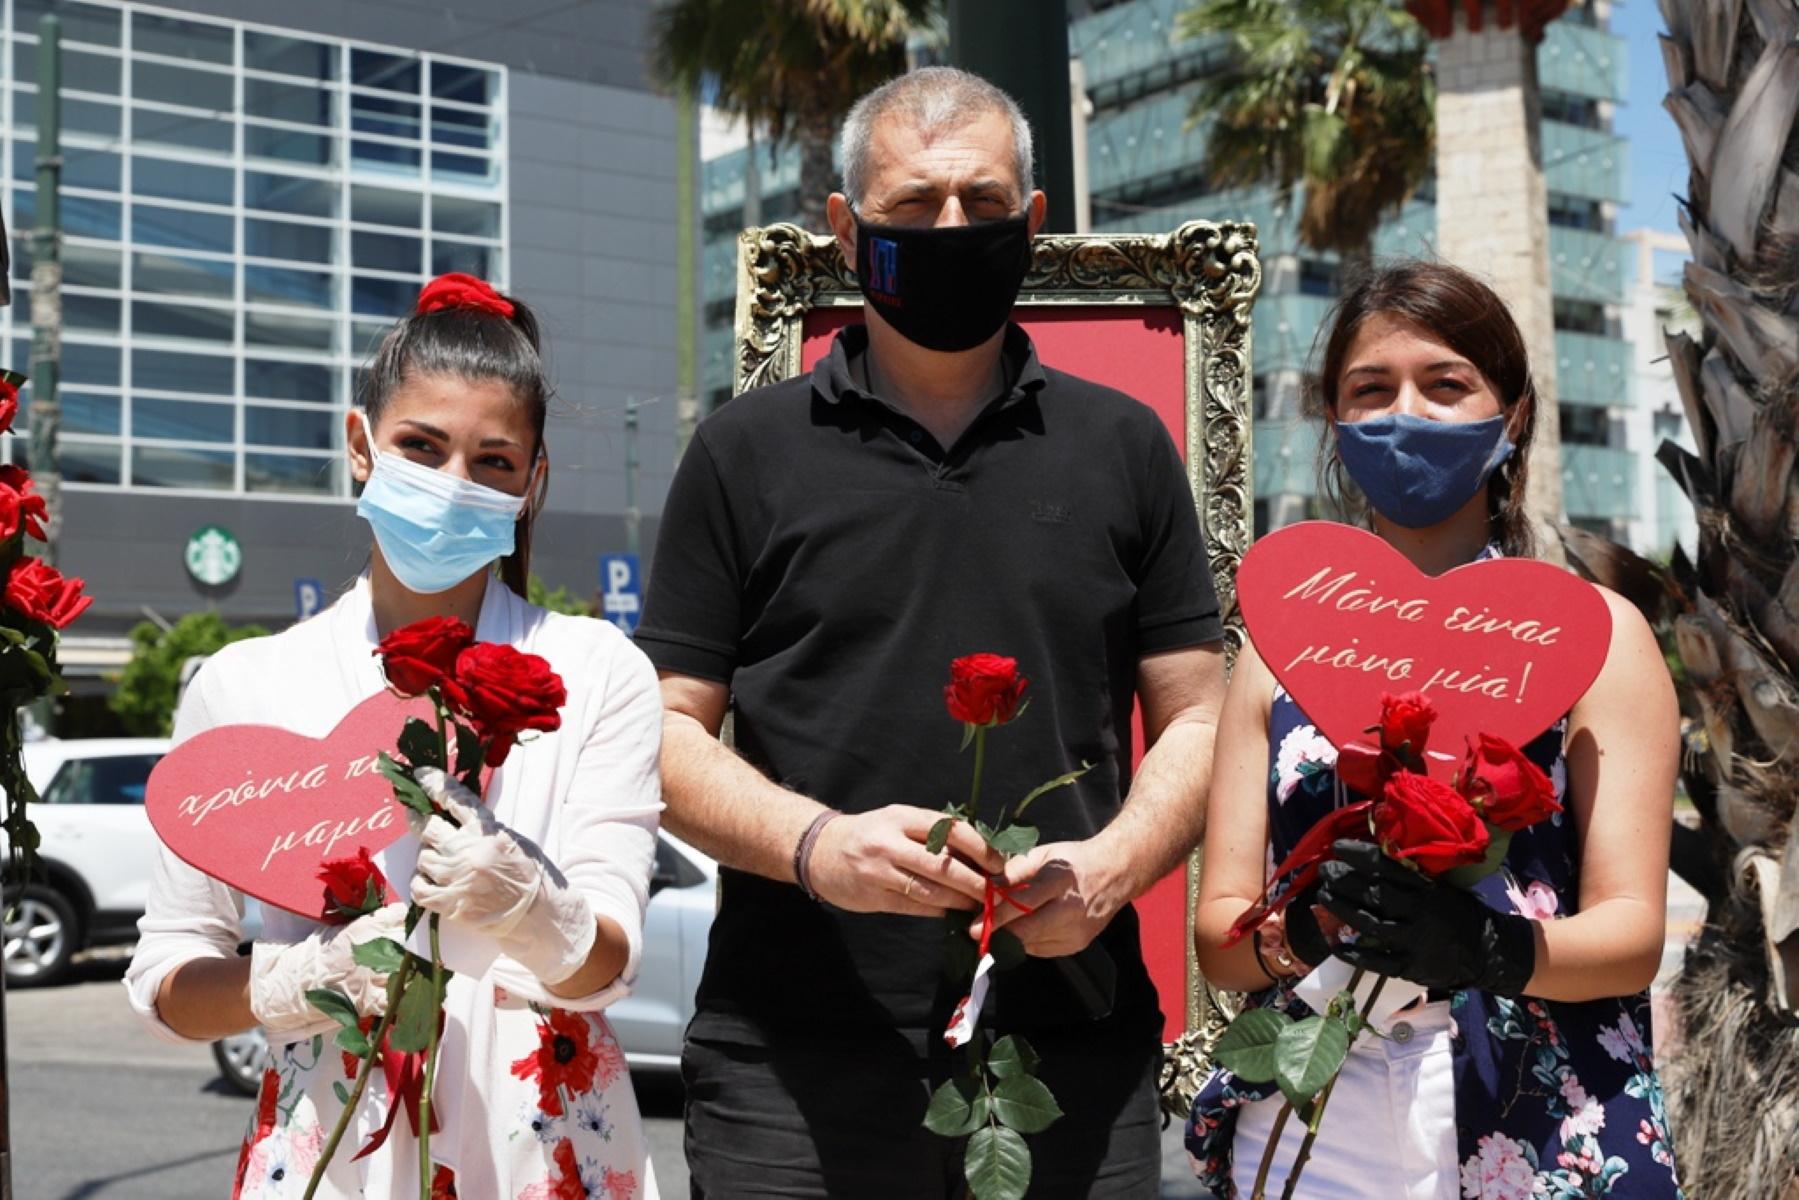 Γιορτή της Μητέρας: Χιλιάδες τριαντάφυλλα προσφέρθηκαν στις Πειραιώτισσες